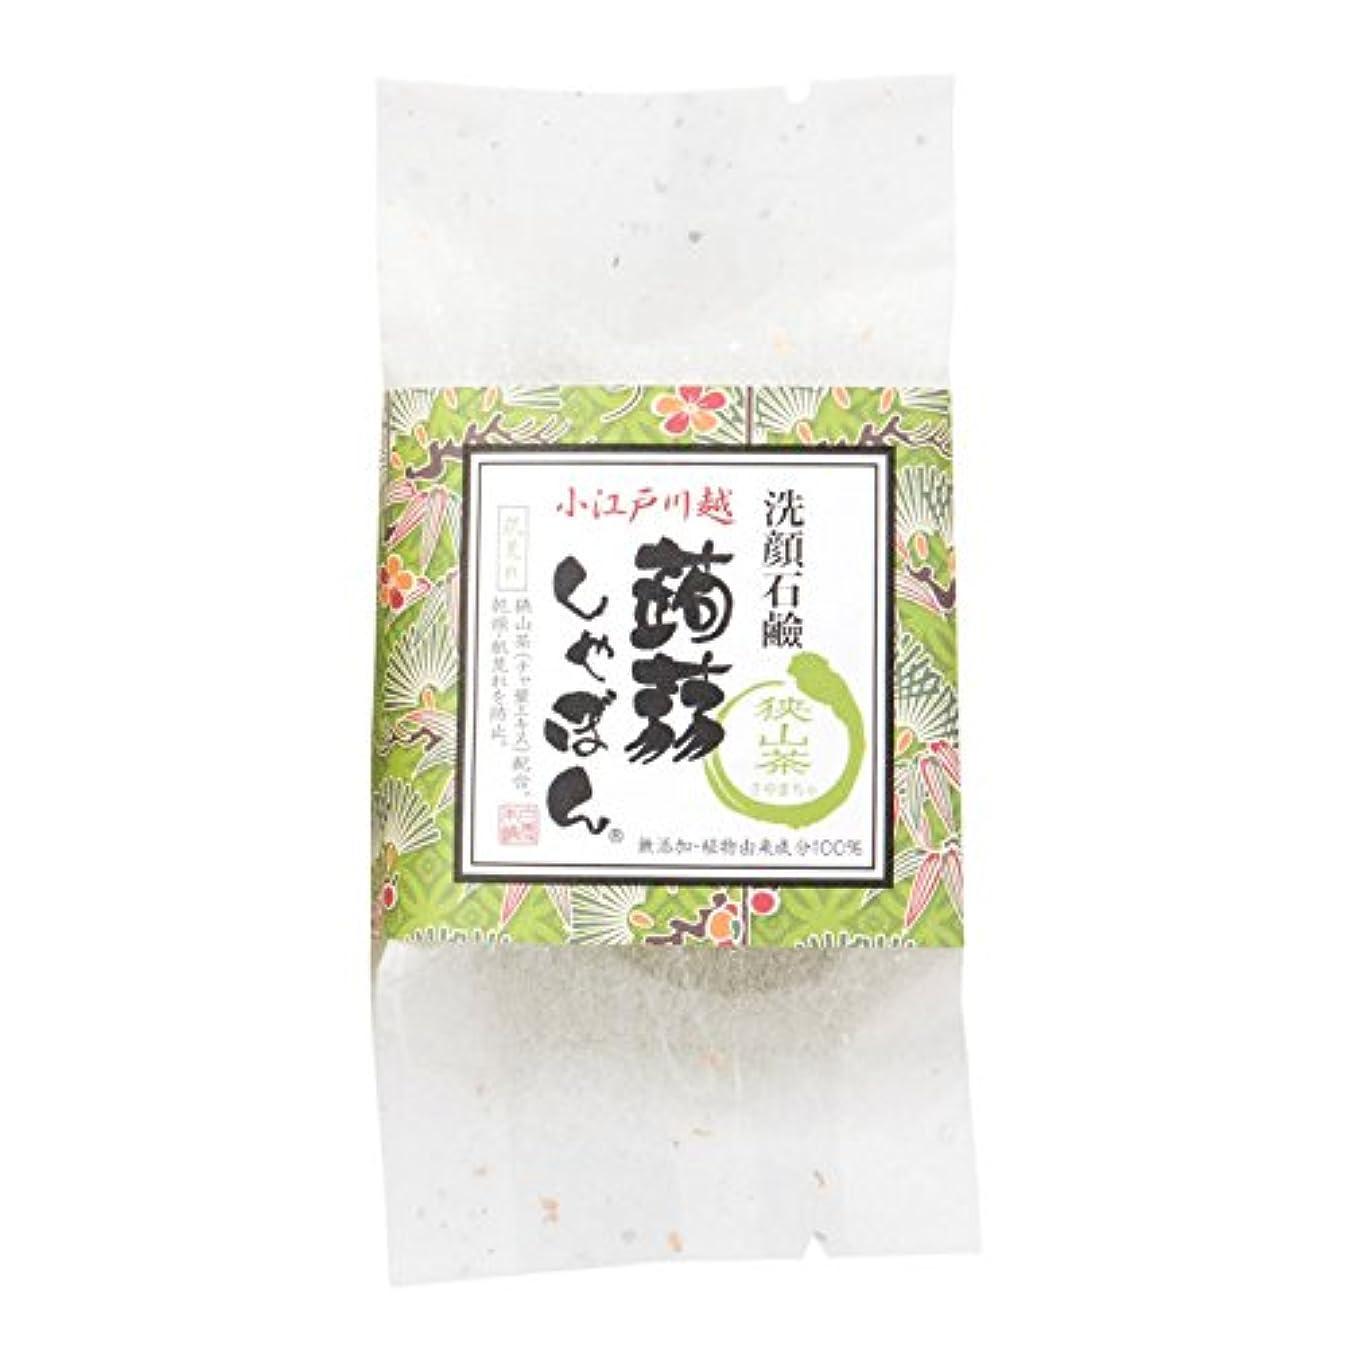 長老曇ったラベ川越蒟蒻しゃぼん狭山茶(さやまちゃ)